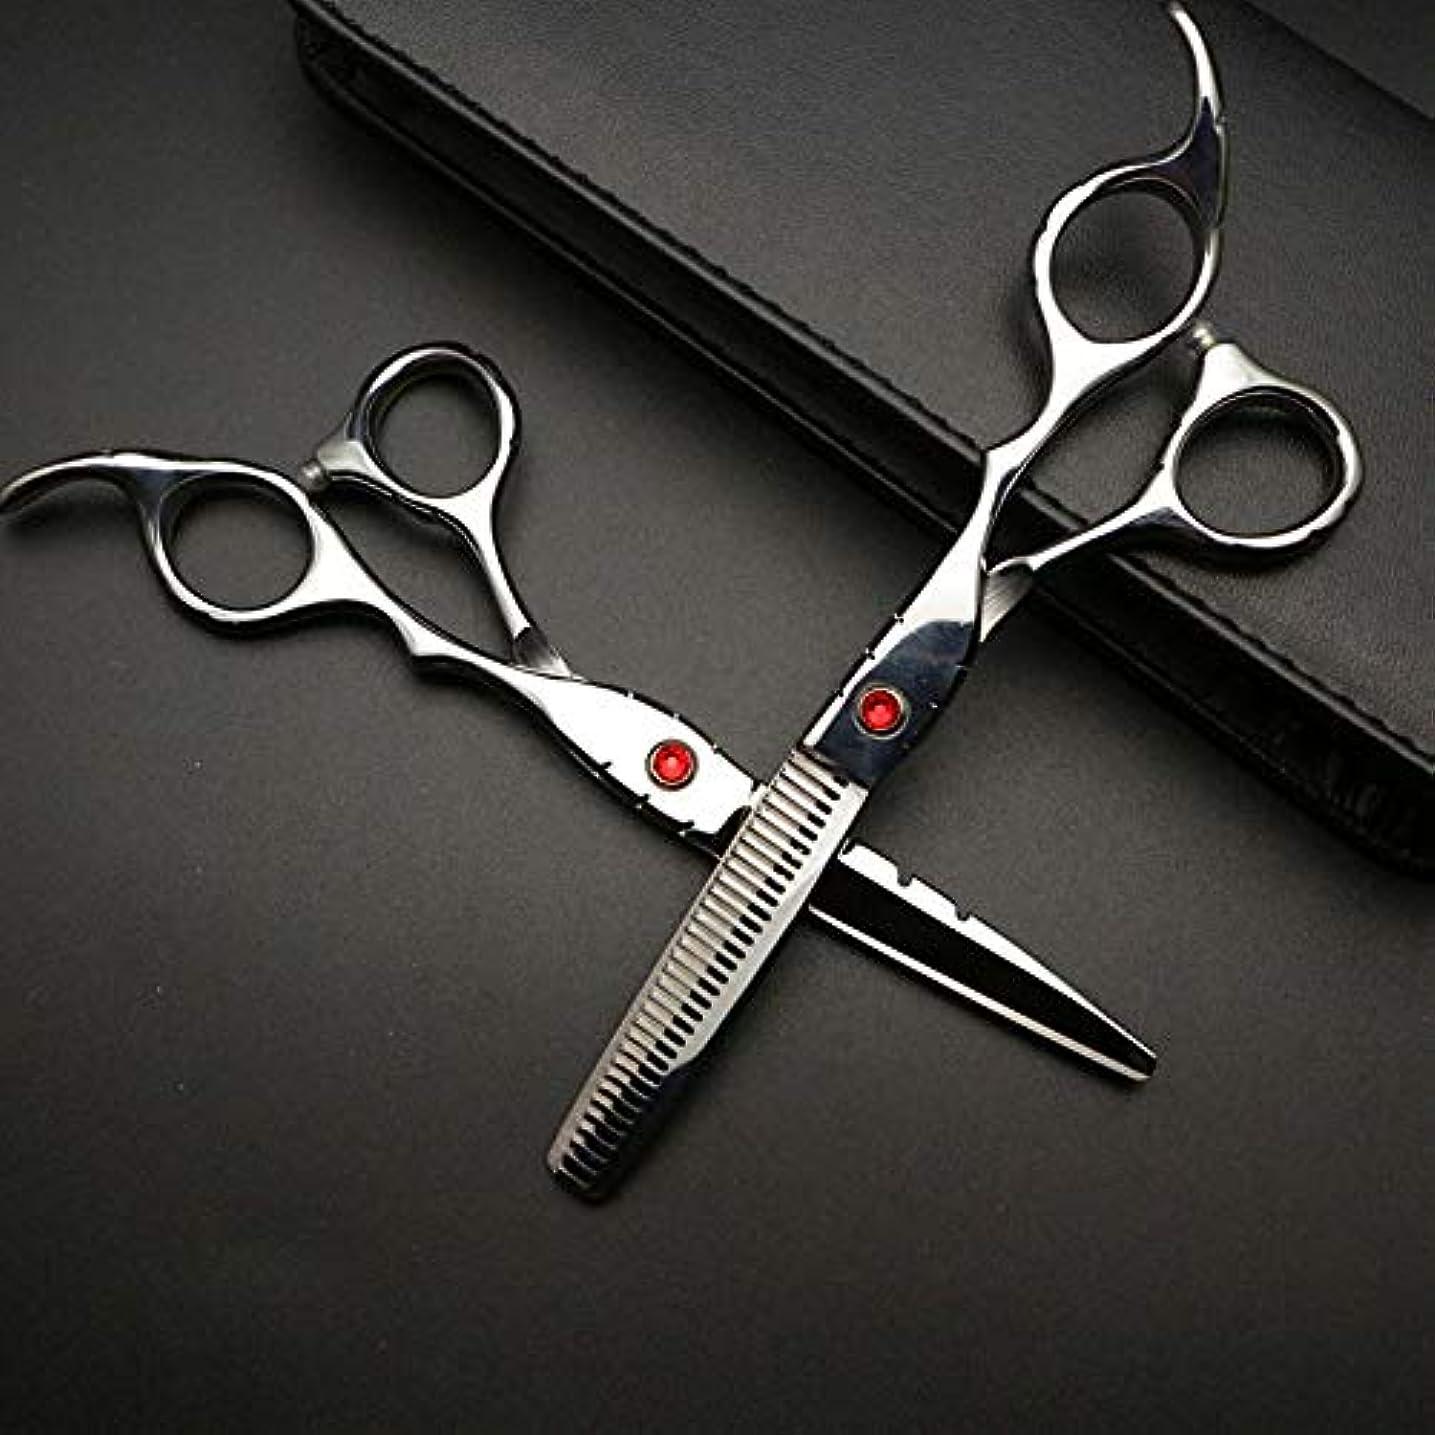 明確な雇った移植Goodsok-jp 6インチの美容師プロの理髪セットハイエンド理髪はさみ (色 : Silver)